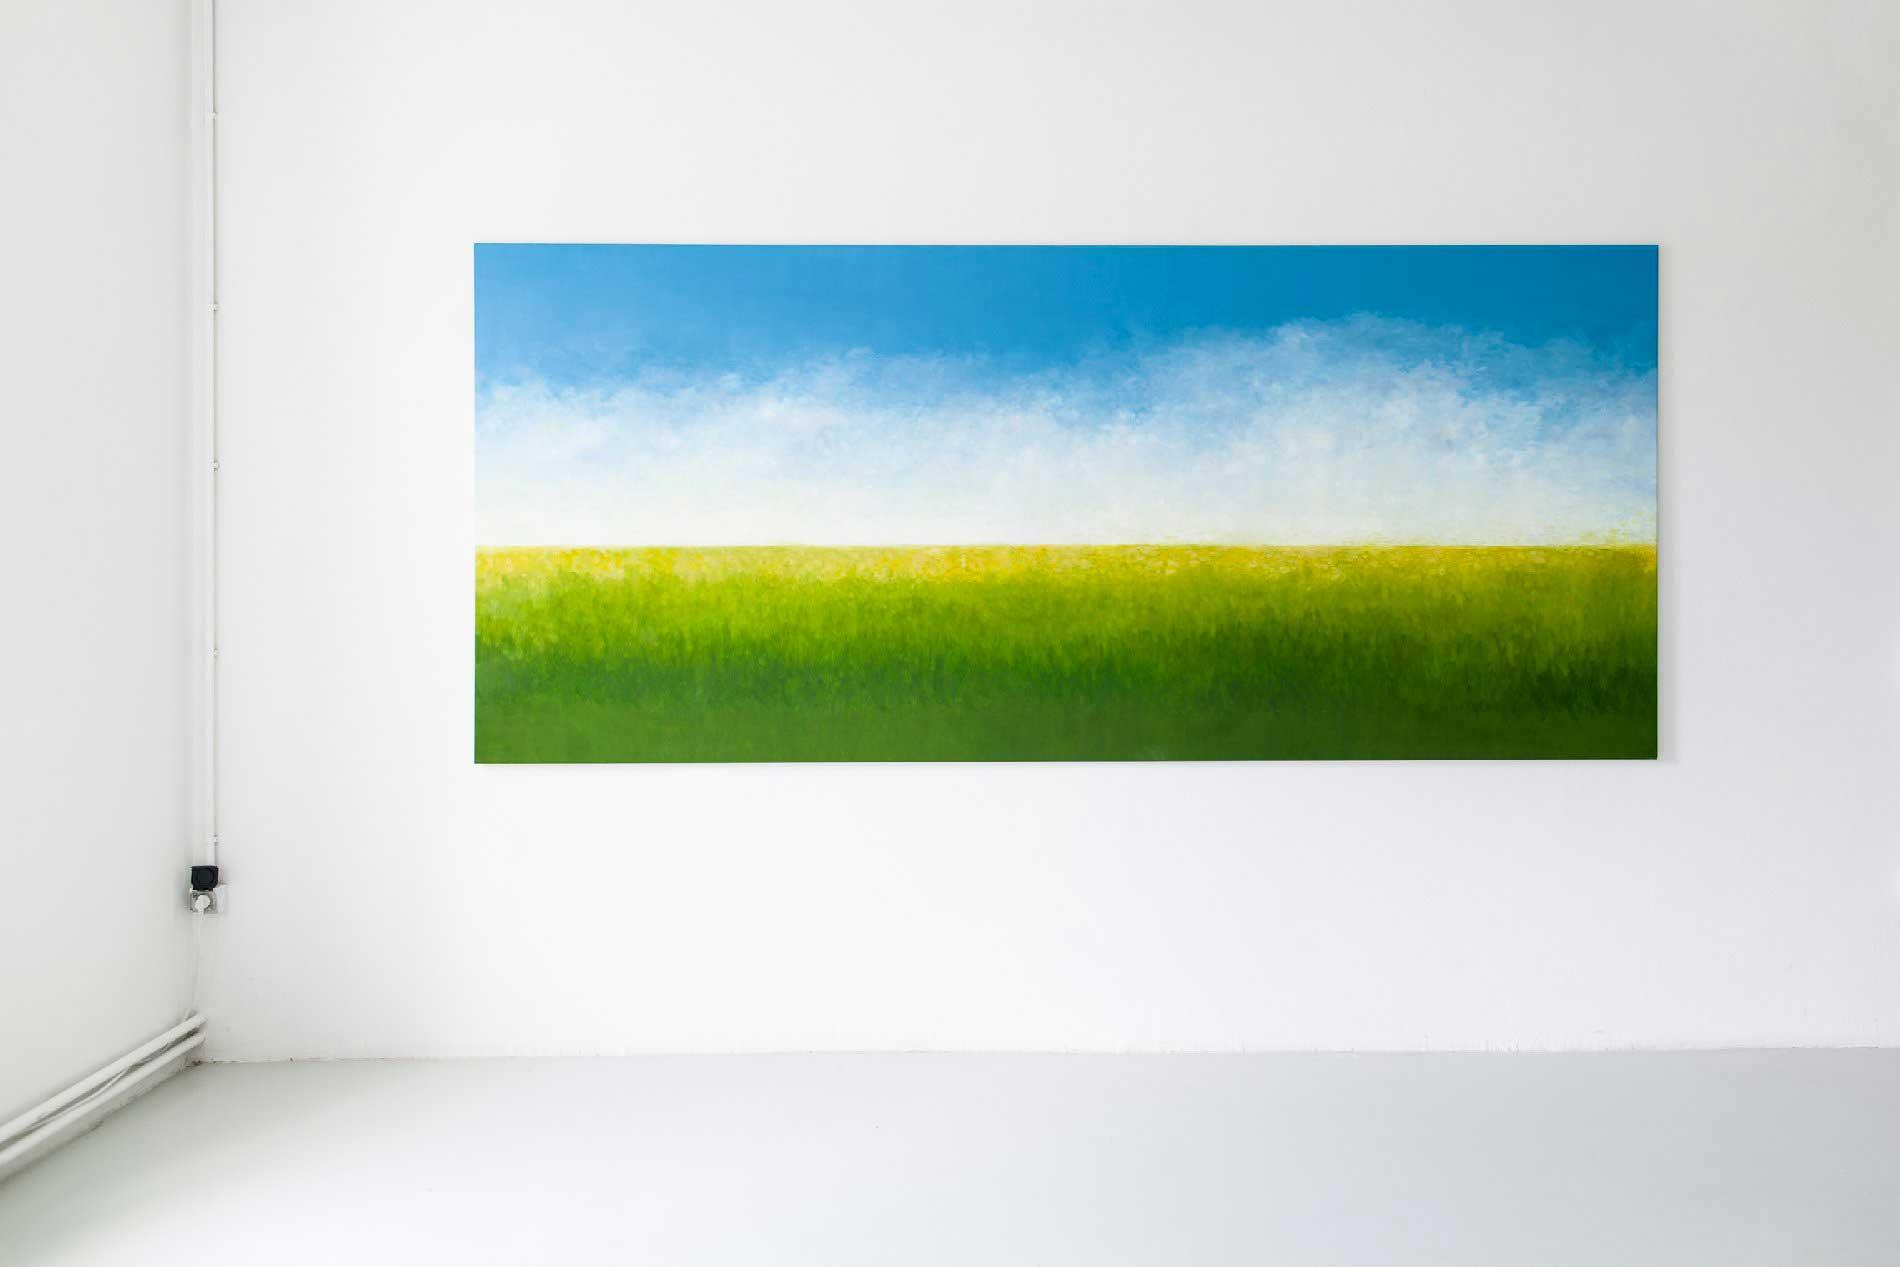 """""""Il faut être de son temps et peindre ce que l'on voit""""Manet, huile sur toile, 140 x 320 cm"""